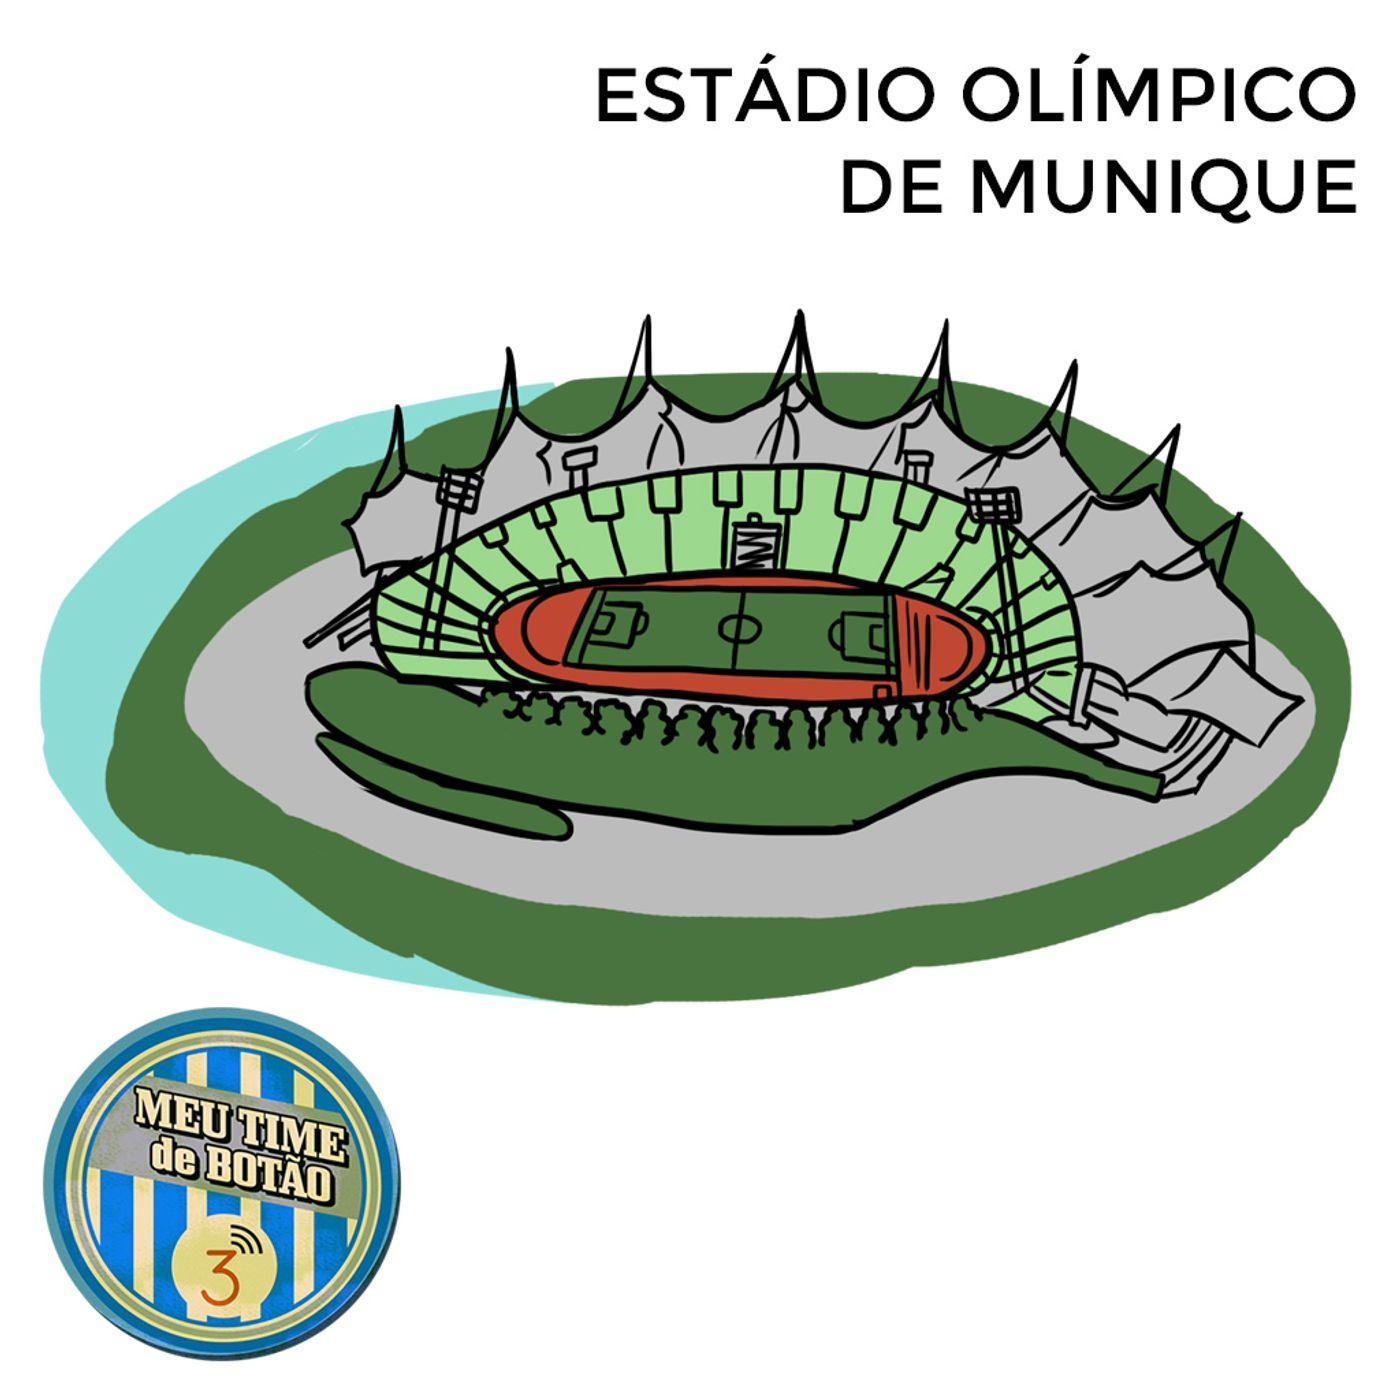 Botão #232 Estádio Olímpico de Munique